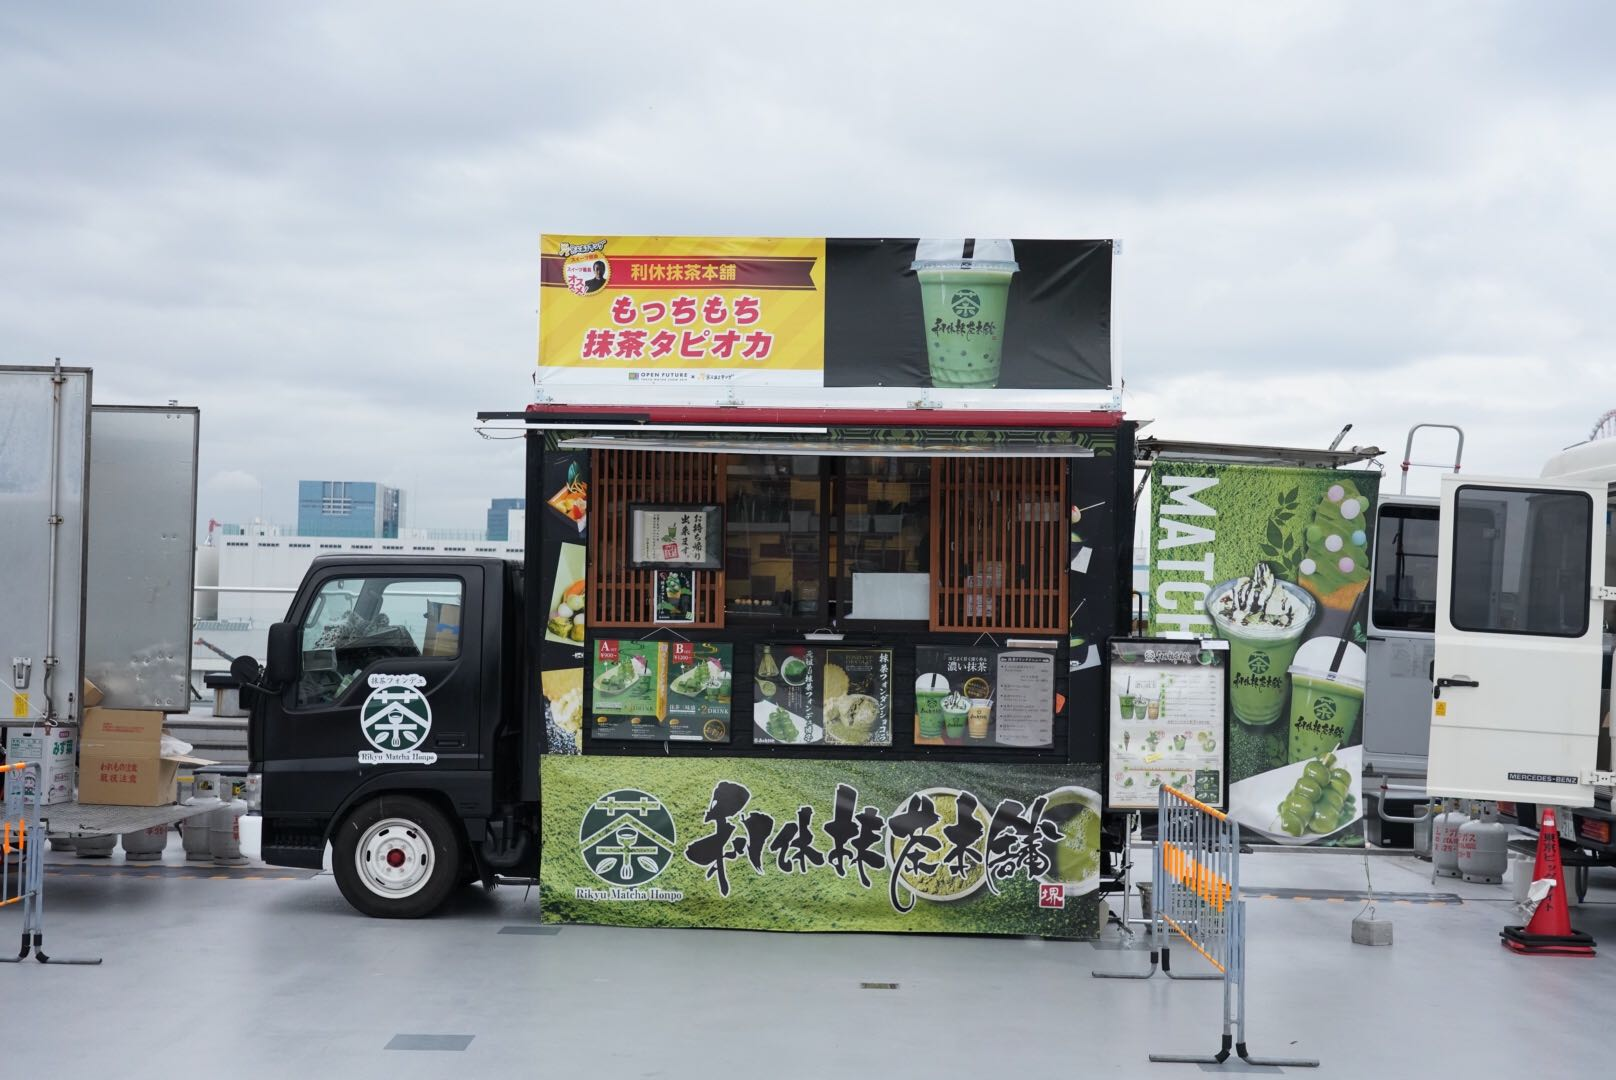 利休抹茶本舗 グルメキングダム 東京モーターショー2019